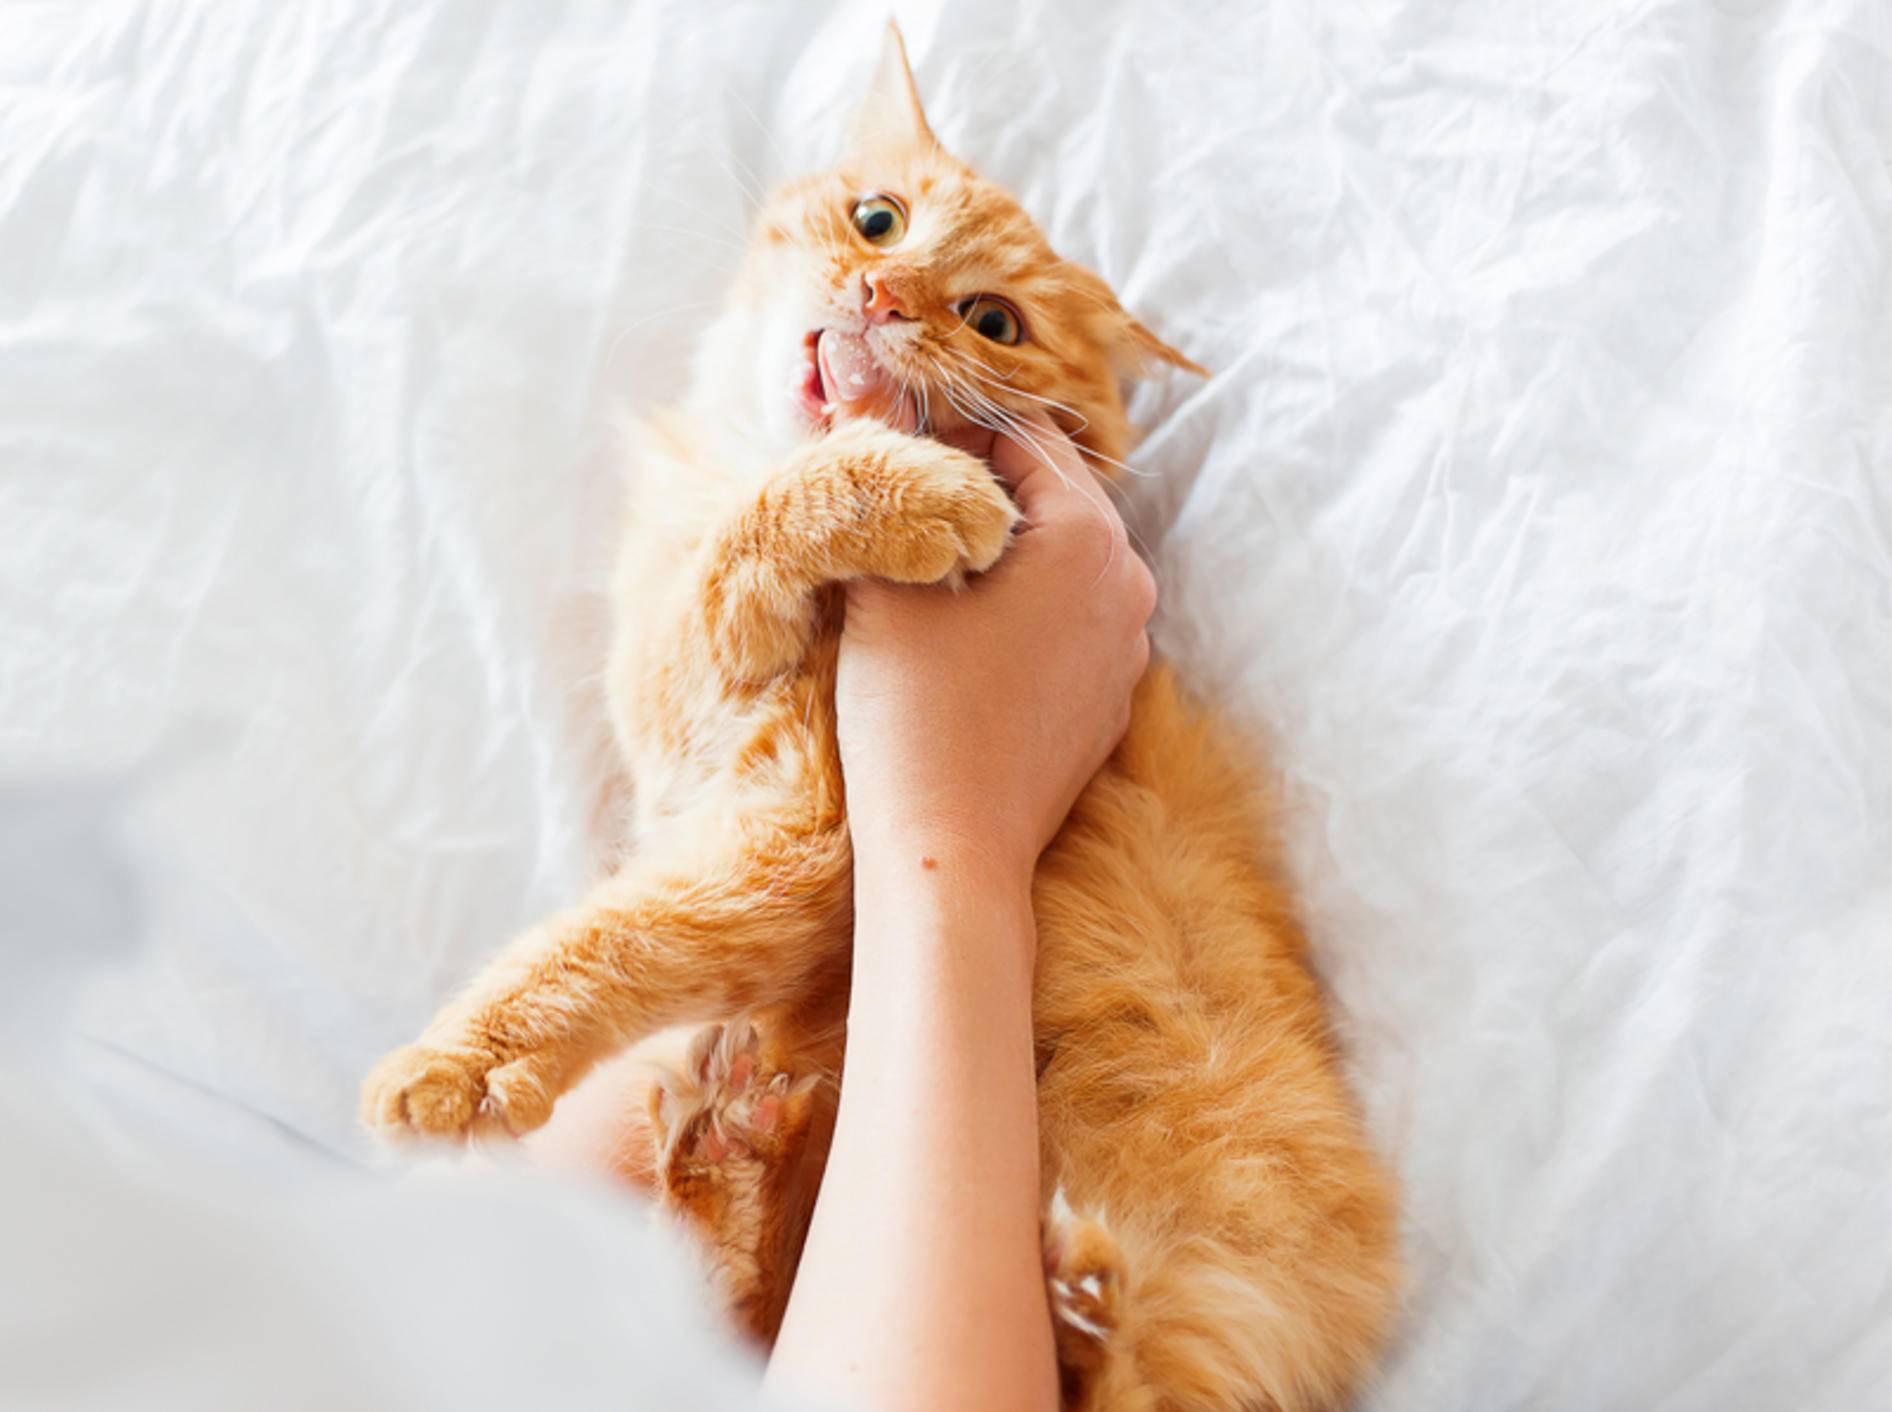 Freche Tigerkatze beißt ihr Frauchen in die Hand: Liebesbeweis oder Aggression? – Shutterstock / Konstantin Aksenov